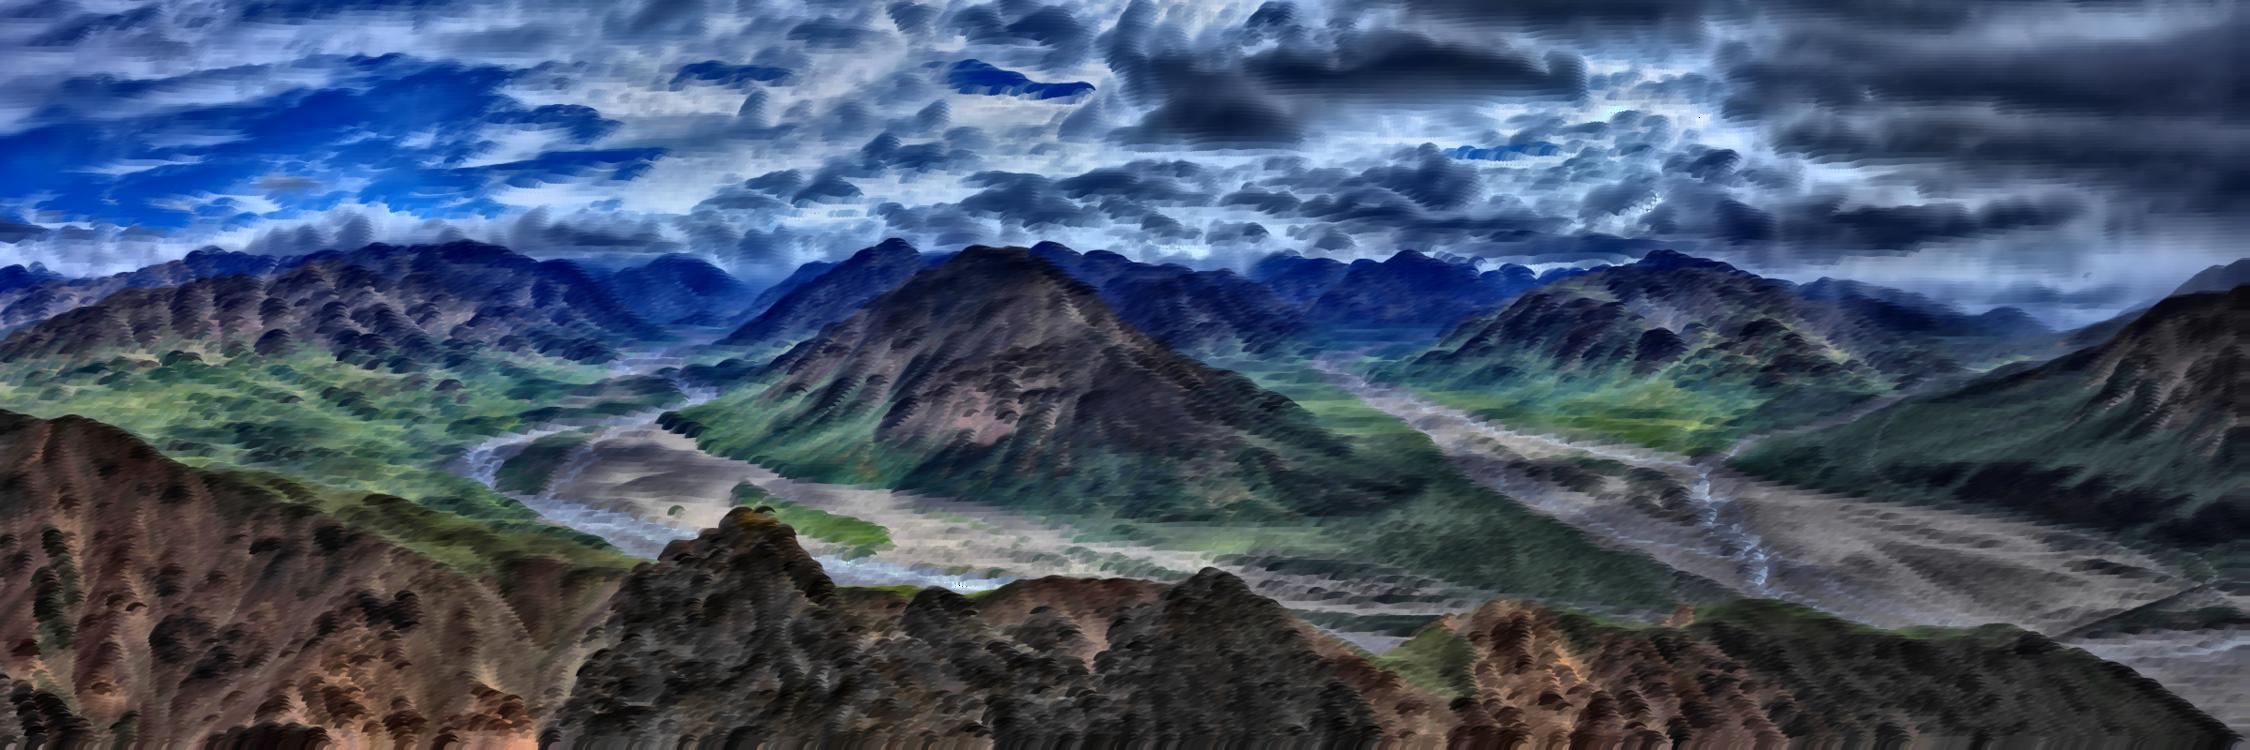 Mountain,Atmosphere,Mountain Range